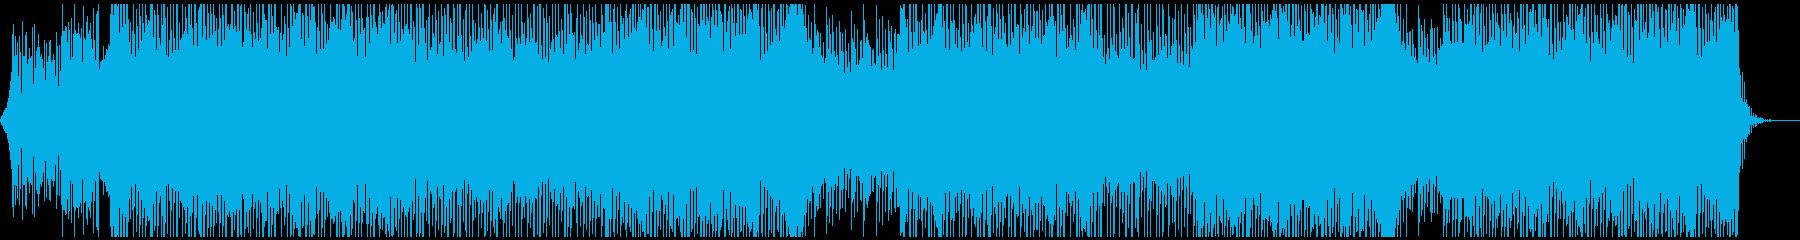 モチベーショナル BGM の再生済みの波形